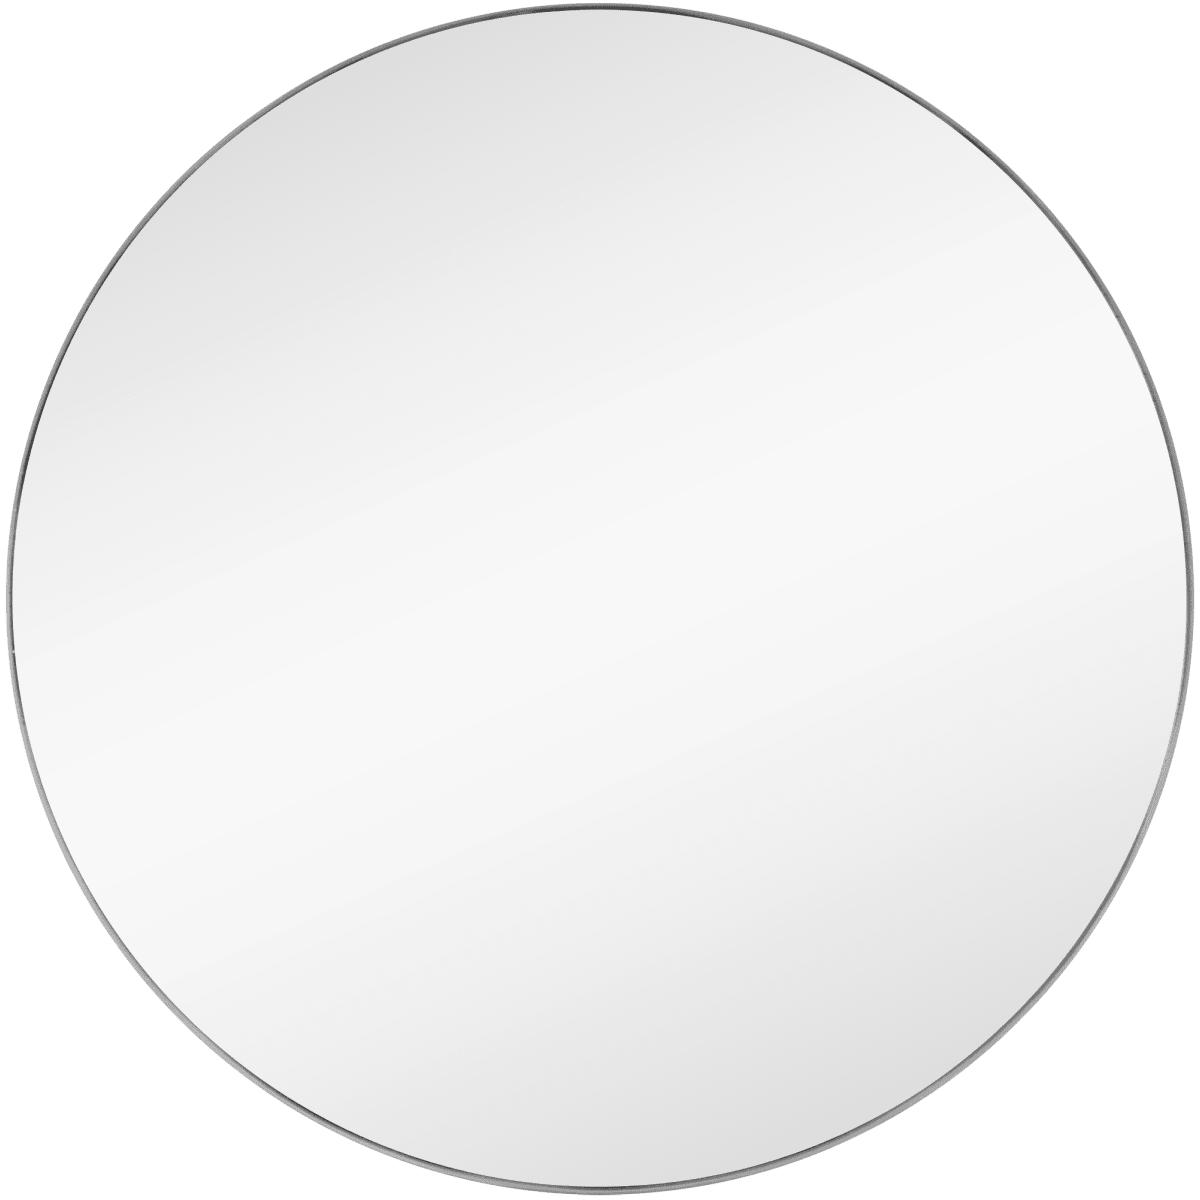 Зеркало увеличительное Sensea настенное Ø12.5 см